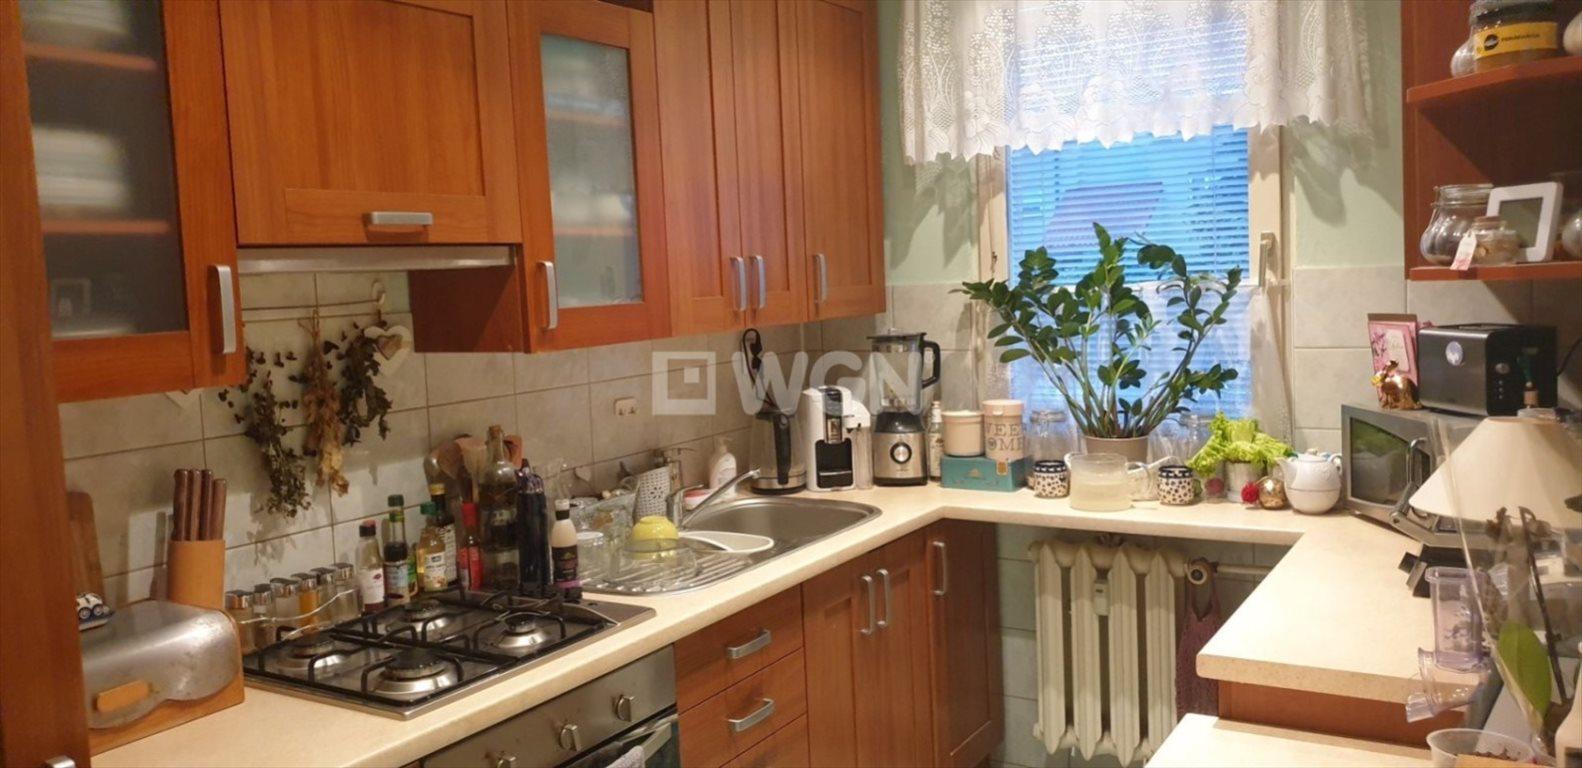 Mieszkanie dwupokojowe na wynajem Szczecin, Gumieńce, Gumieńce  52m2 Foto 7